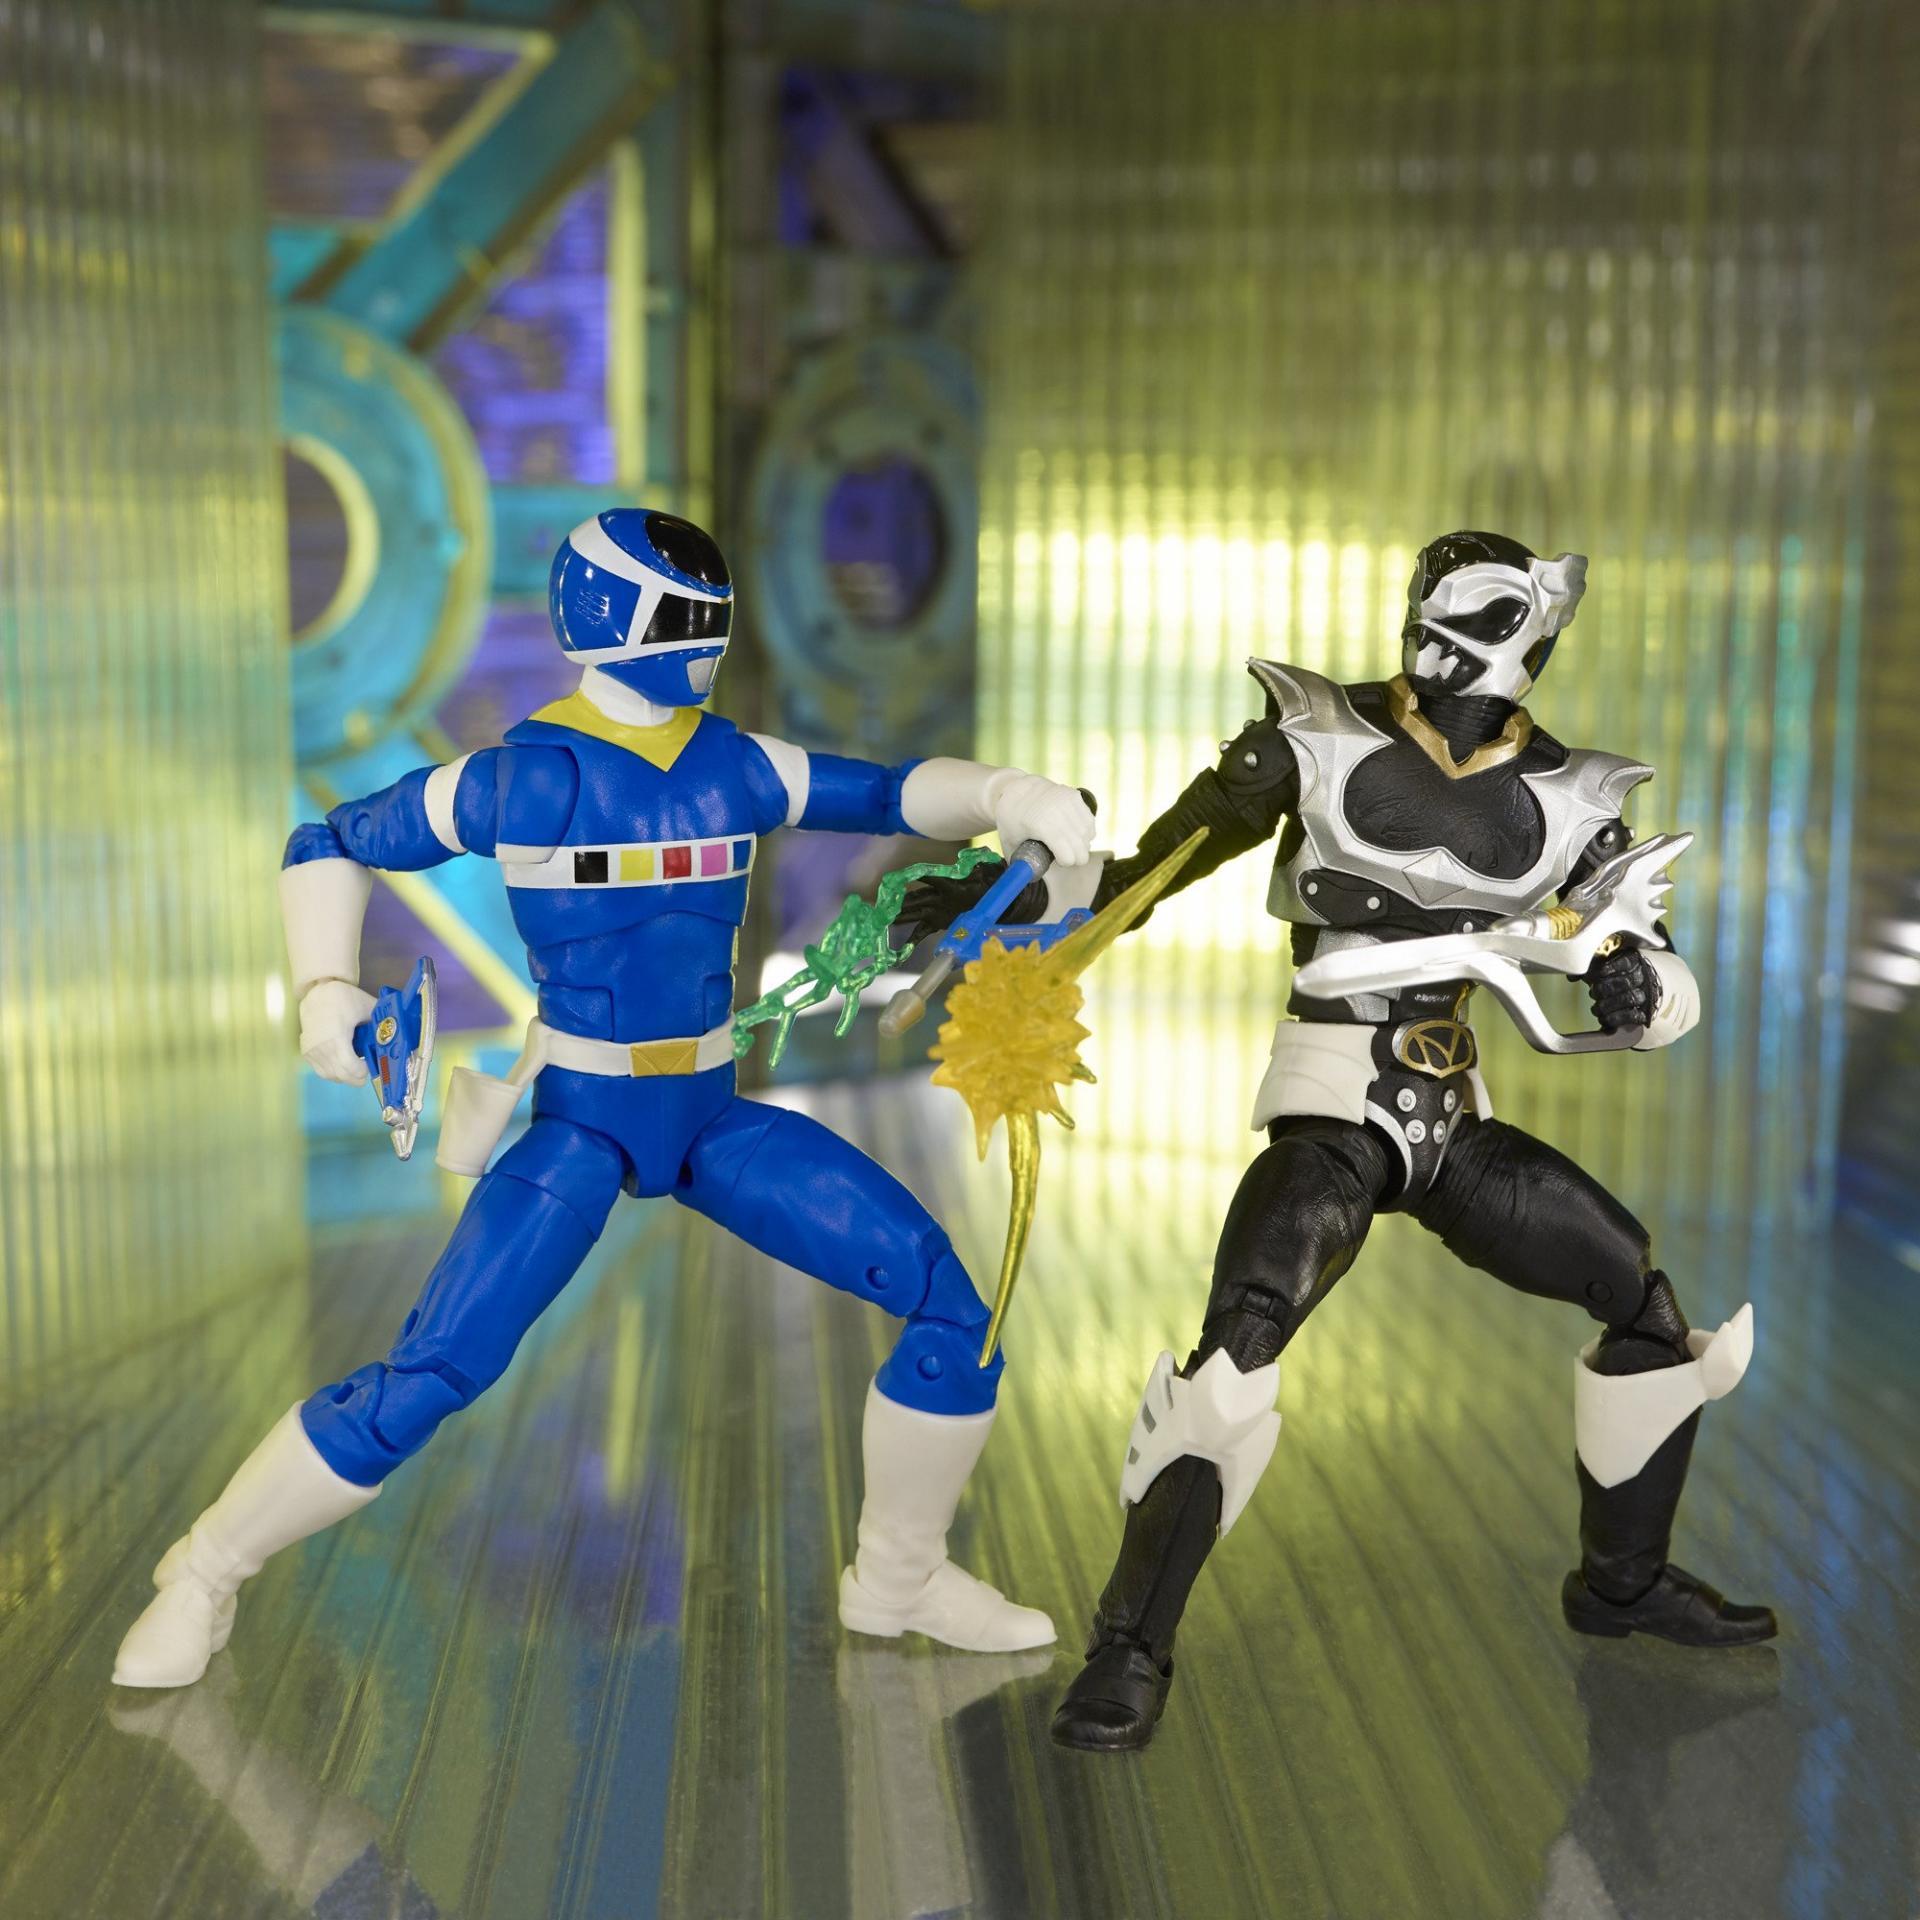 Power rangers lightning collection blue ranger vs silver psycho ranger 15cm2